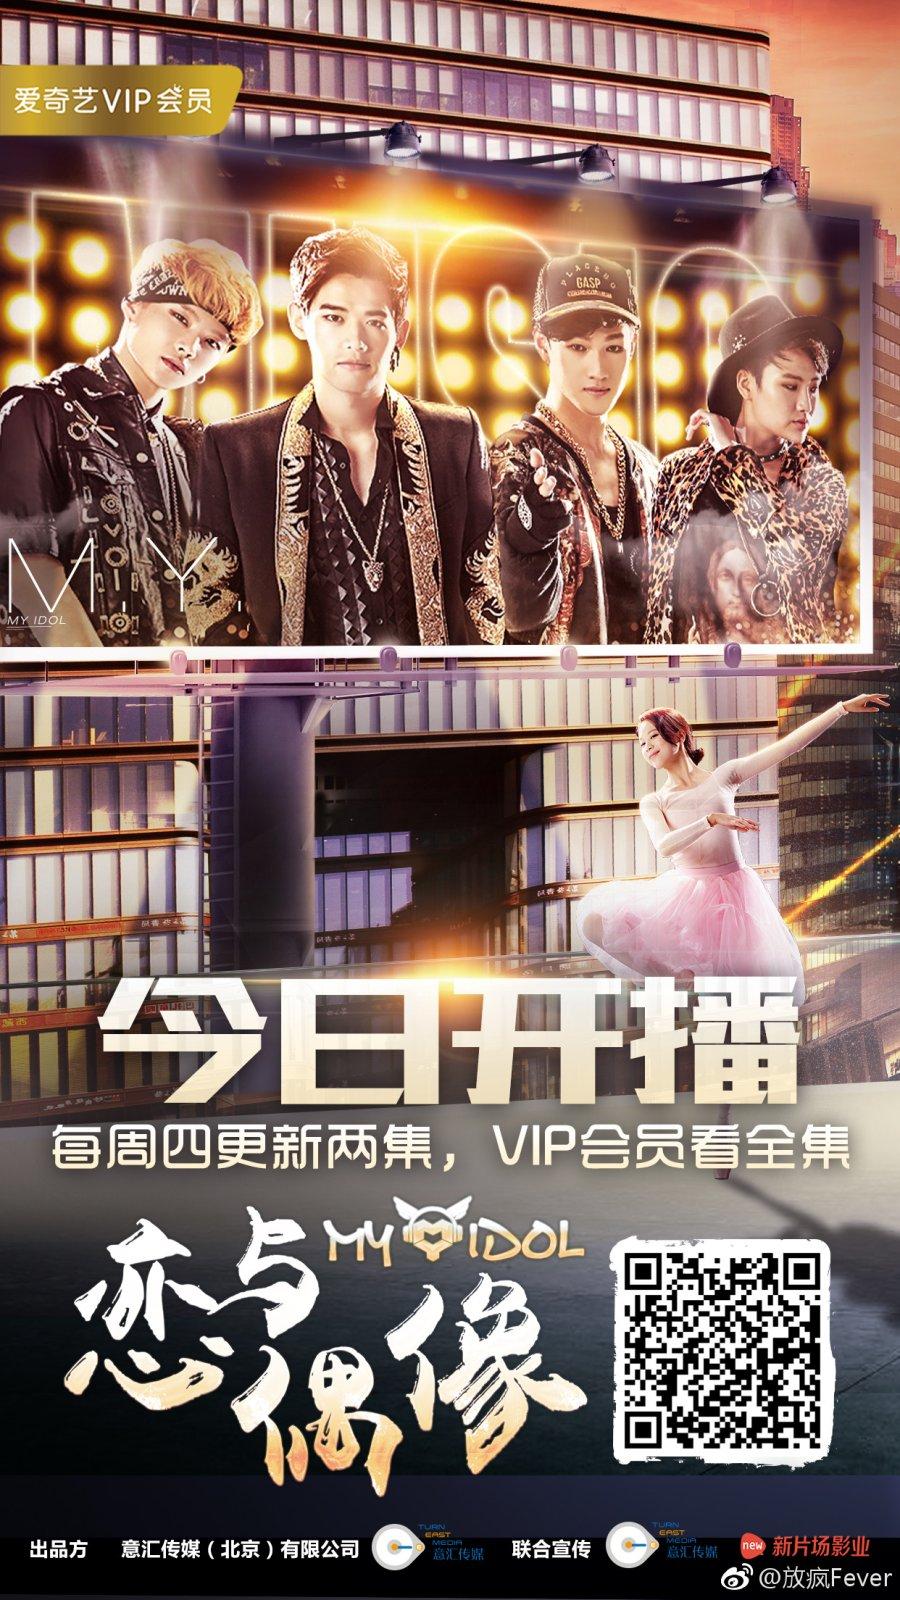 DXPOyf - Мой идол (2018, Китай): актеры